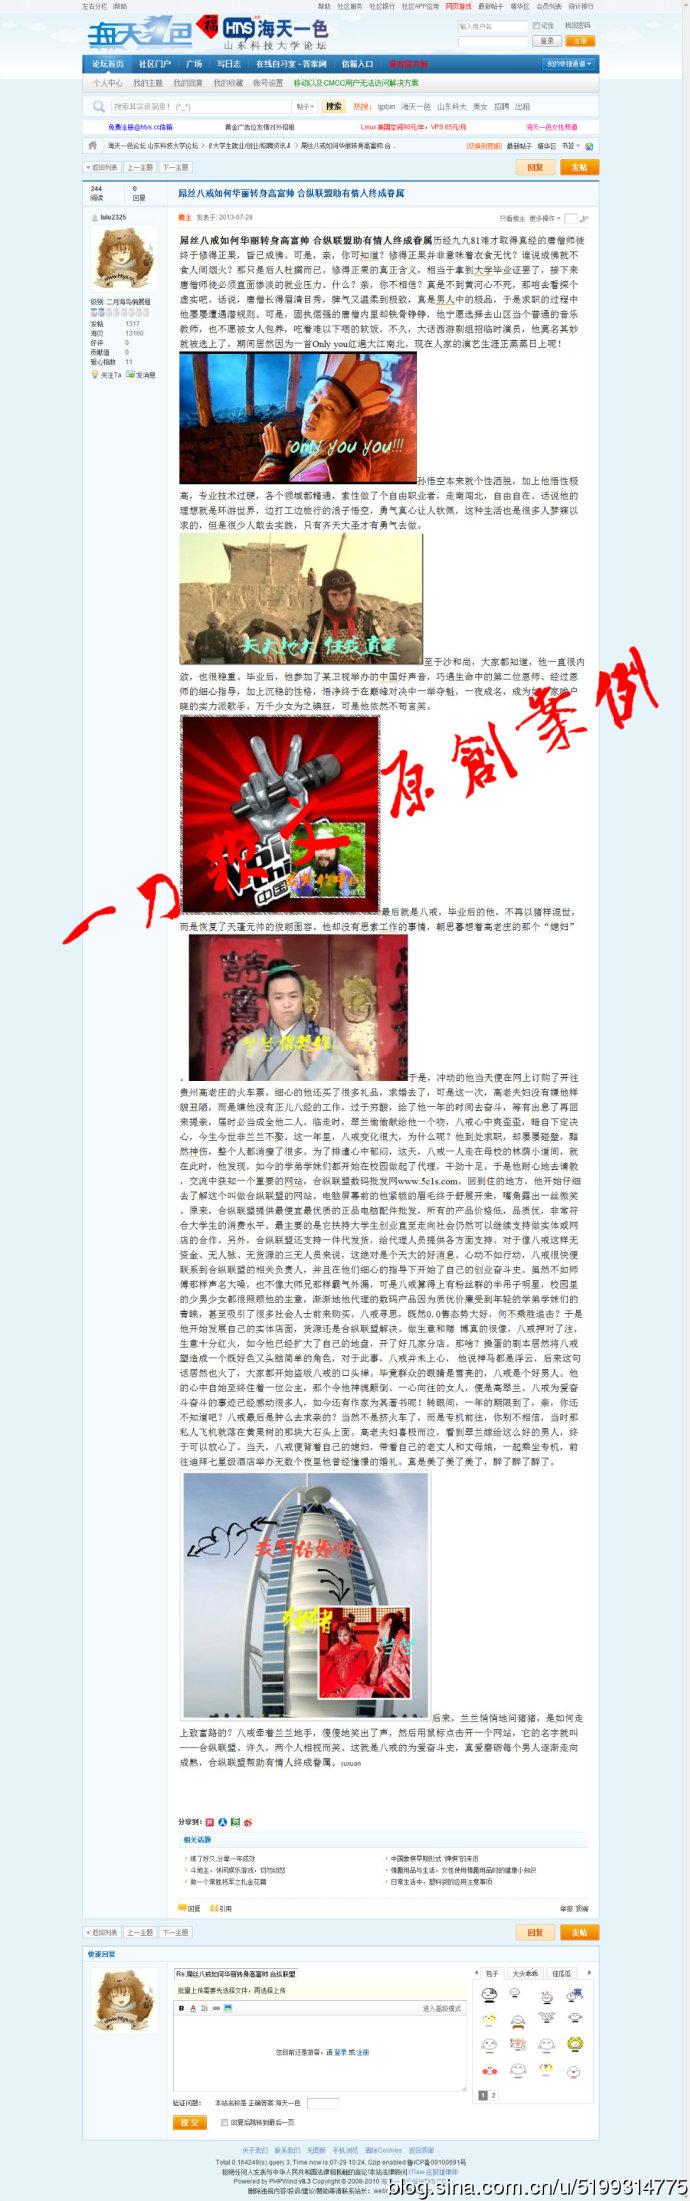 一刀软文案例编号021(数码网站论坛帖)